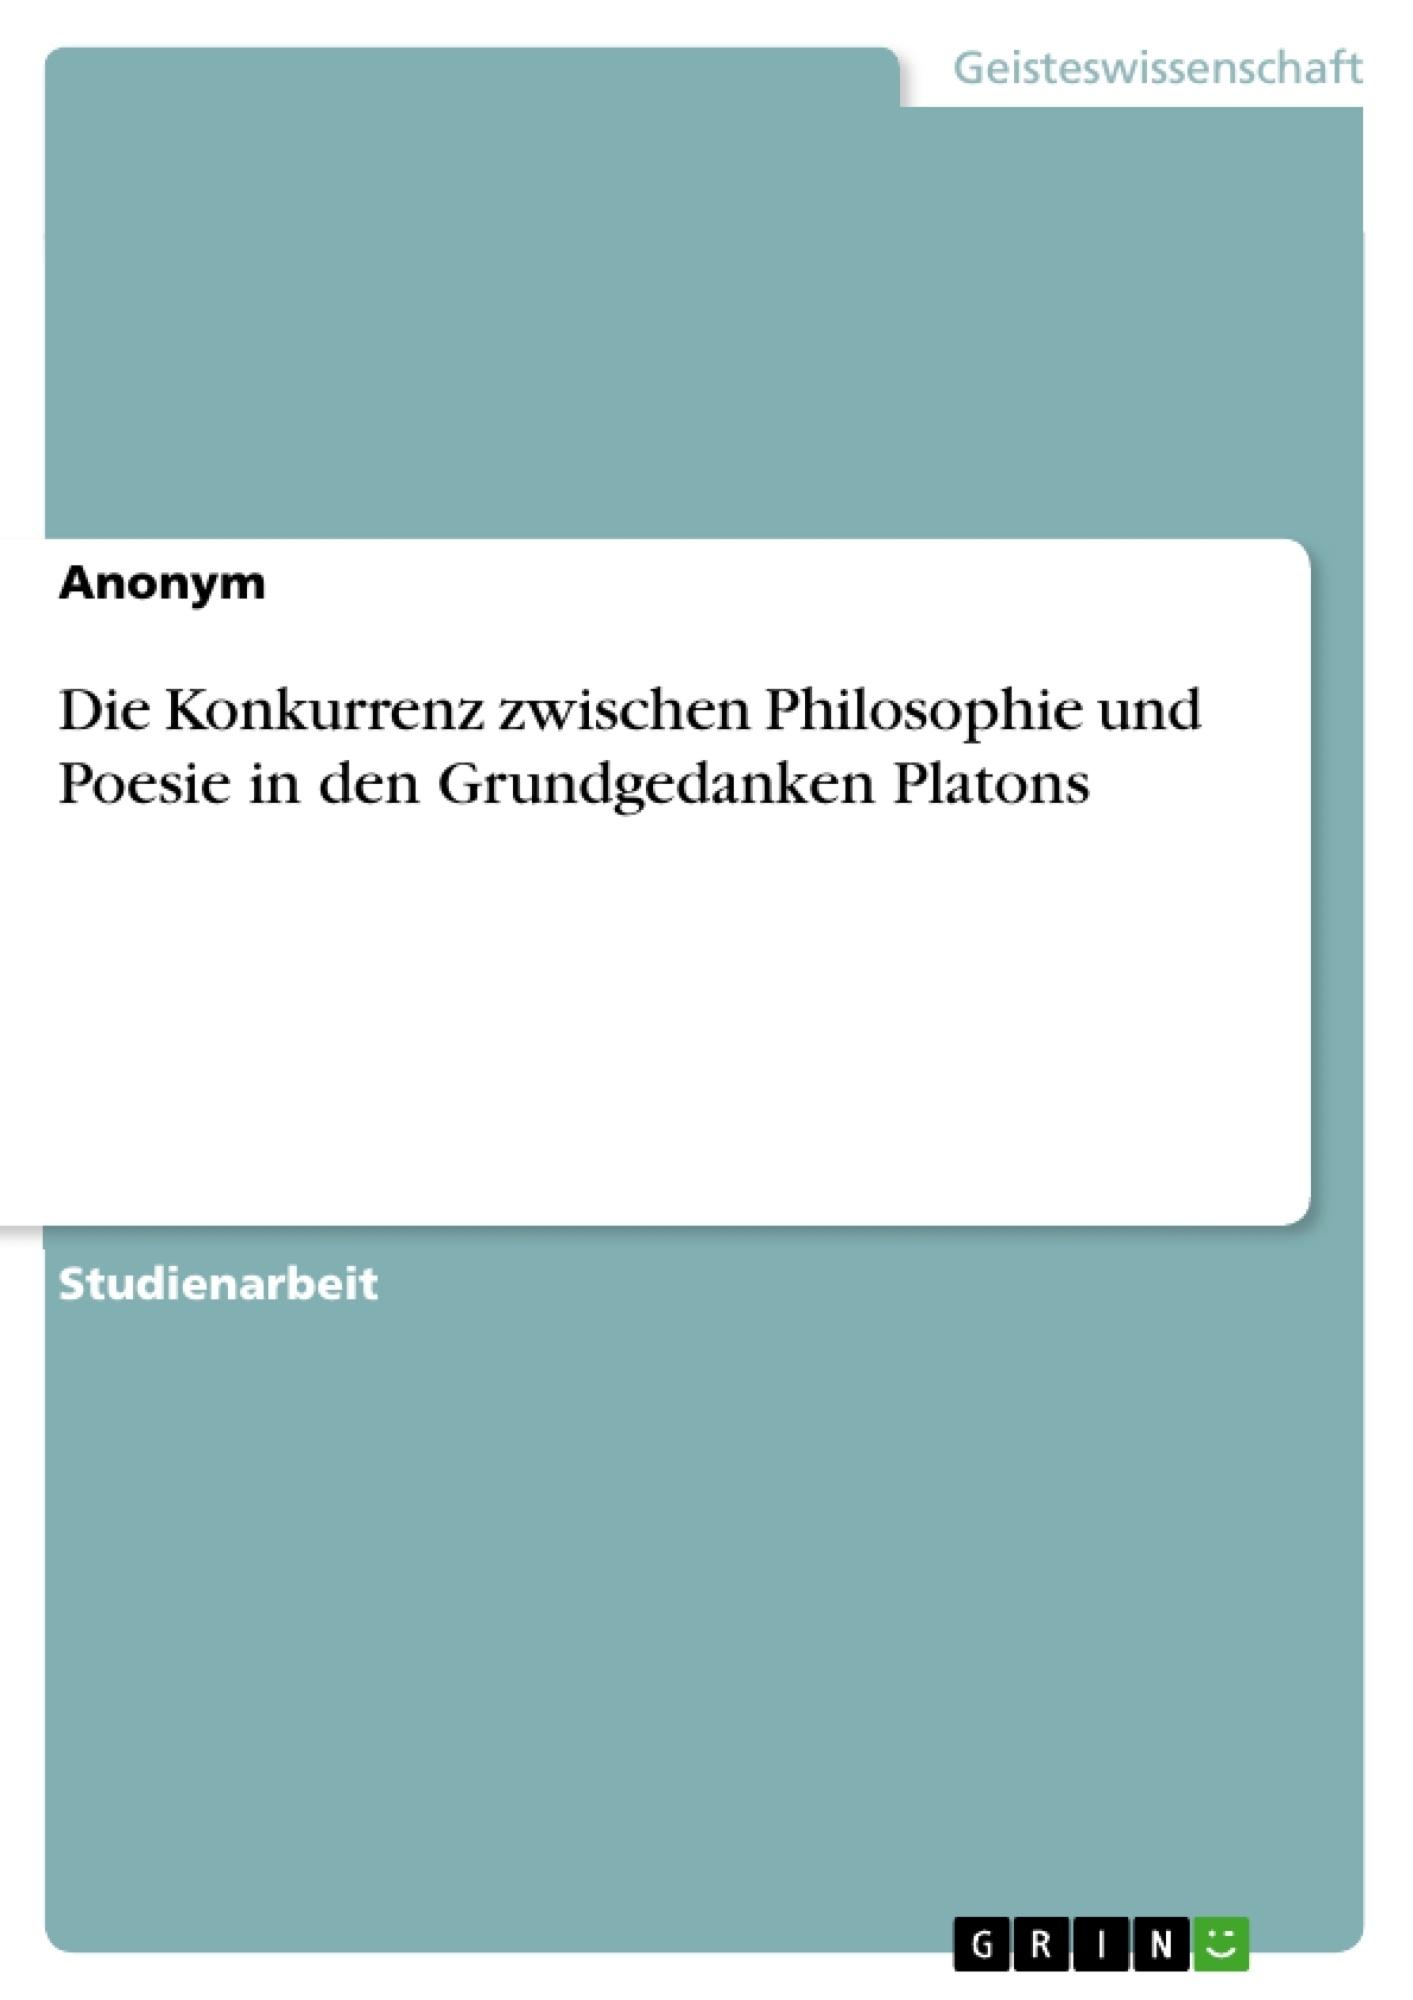 Titel: Die Konkurrenz zwischen Philosophie und Poesie in den Grundgedanken Platons